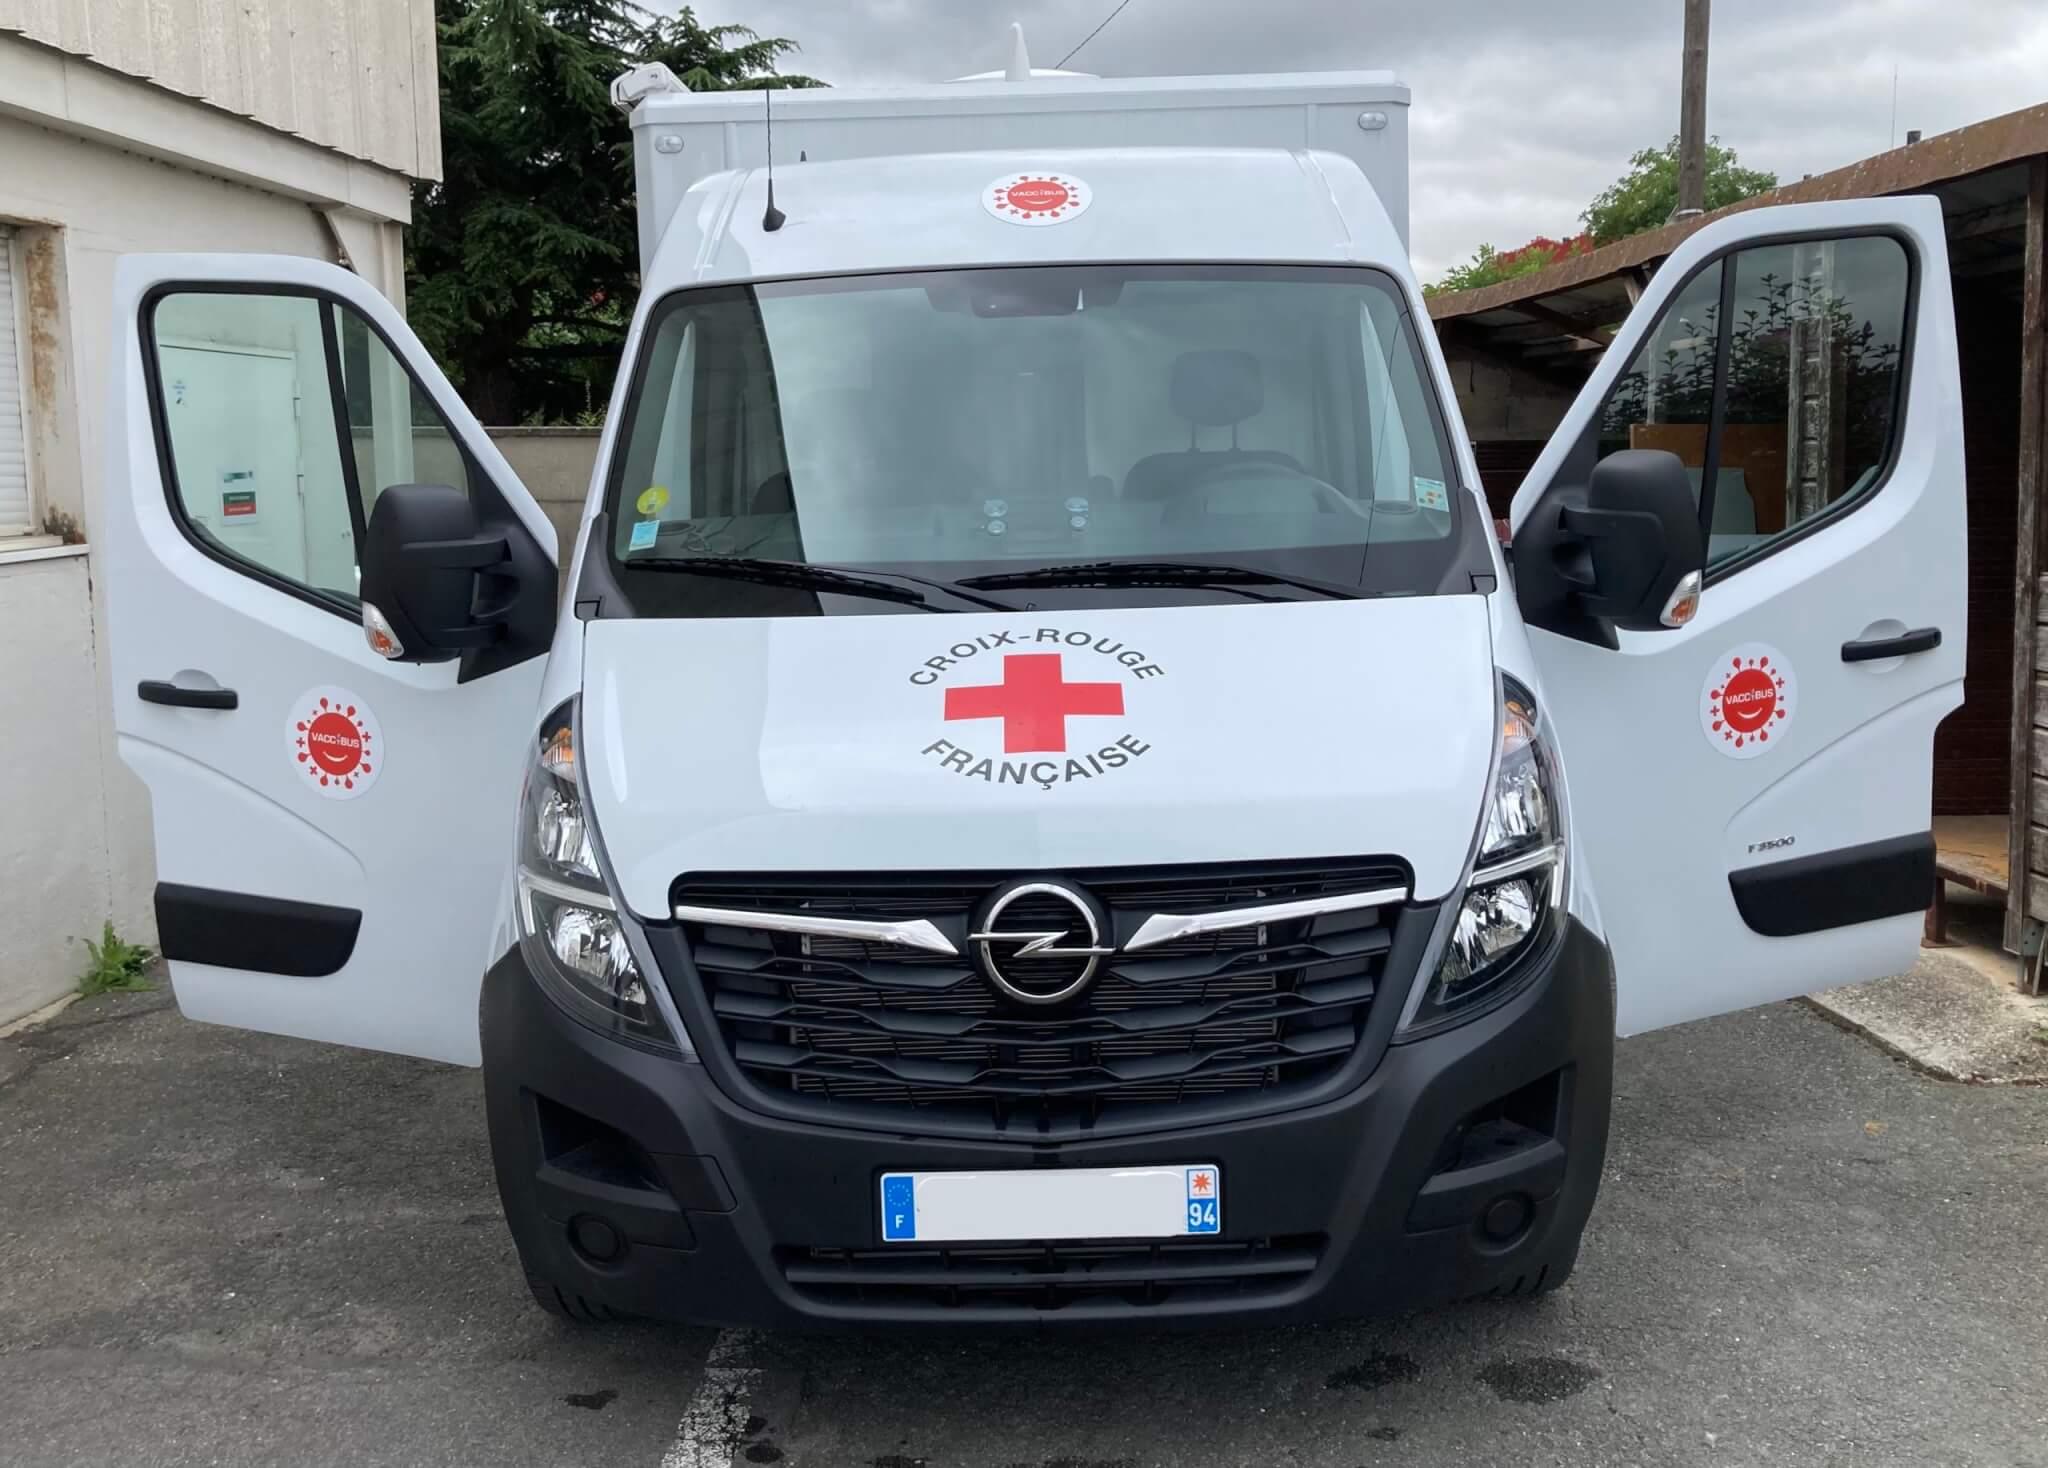 Alfortville - Covid-19: le vacci-bus de la Croix Rouge dans les quartiers